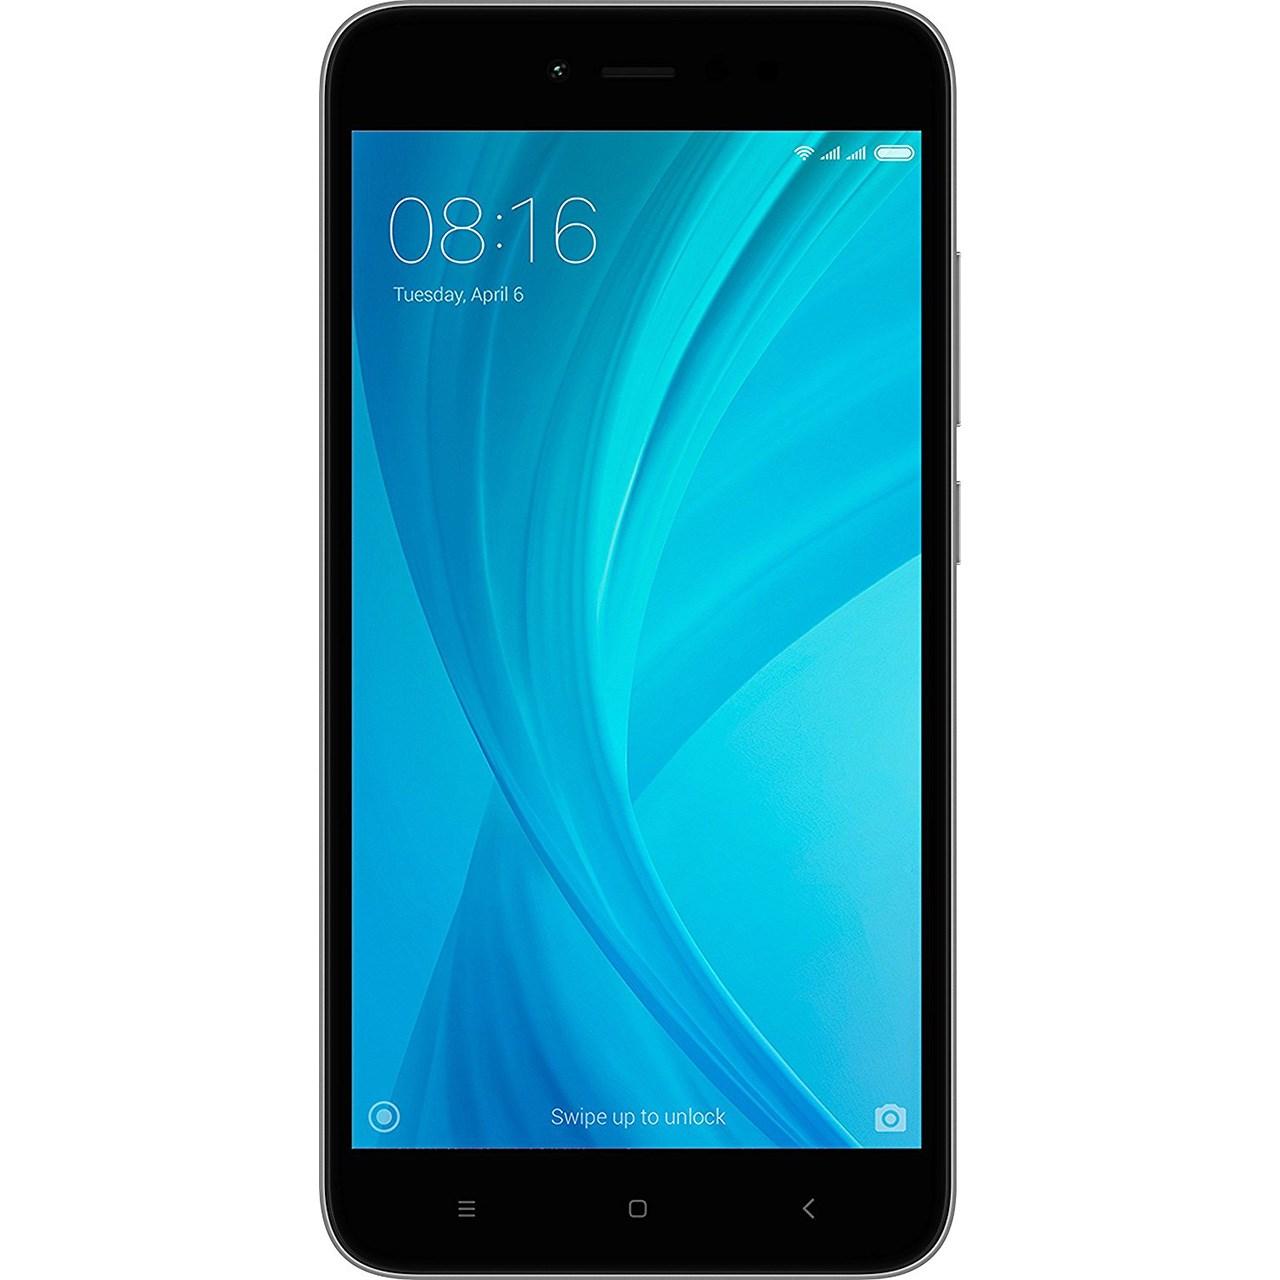 گوشی موبایل شیائومی مدل Redmi Note 5A Prime MDI6S دو سیم کارت ظرفیت 32 گیگابایت